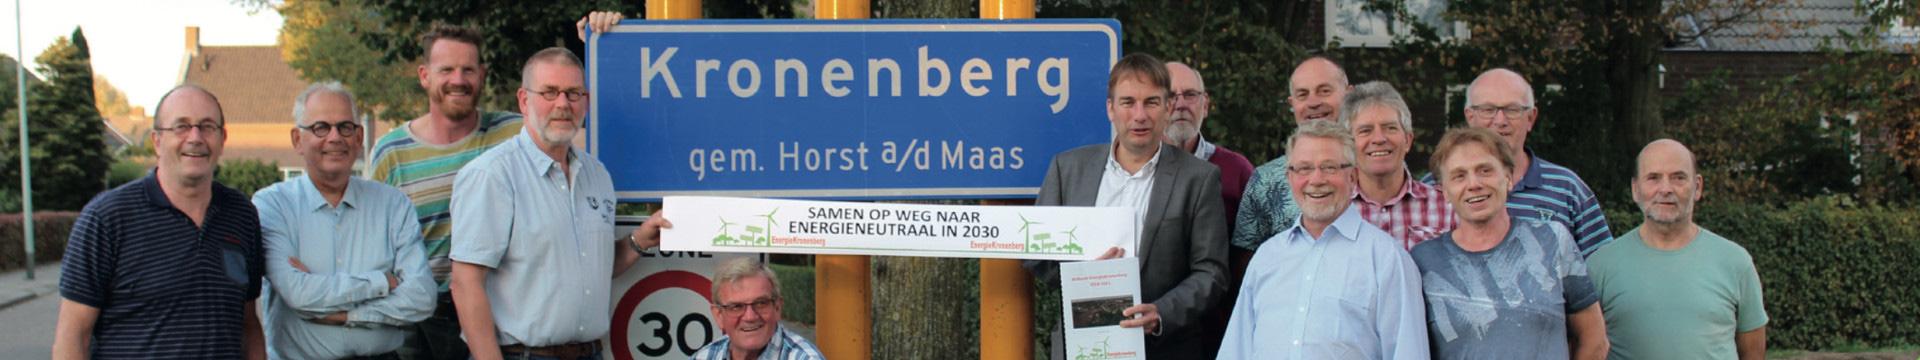 Bewoners aan zet in Kronenberg